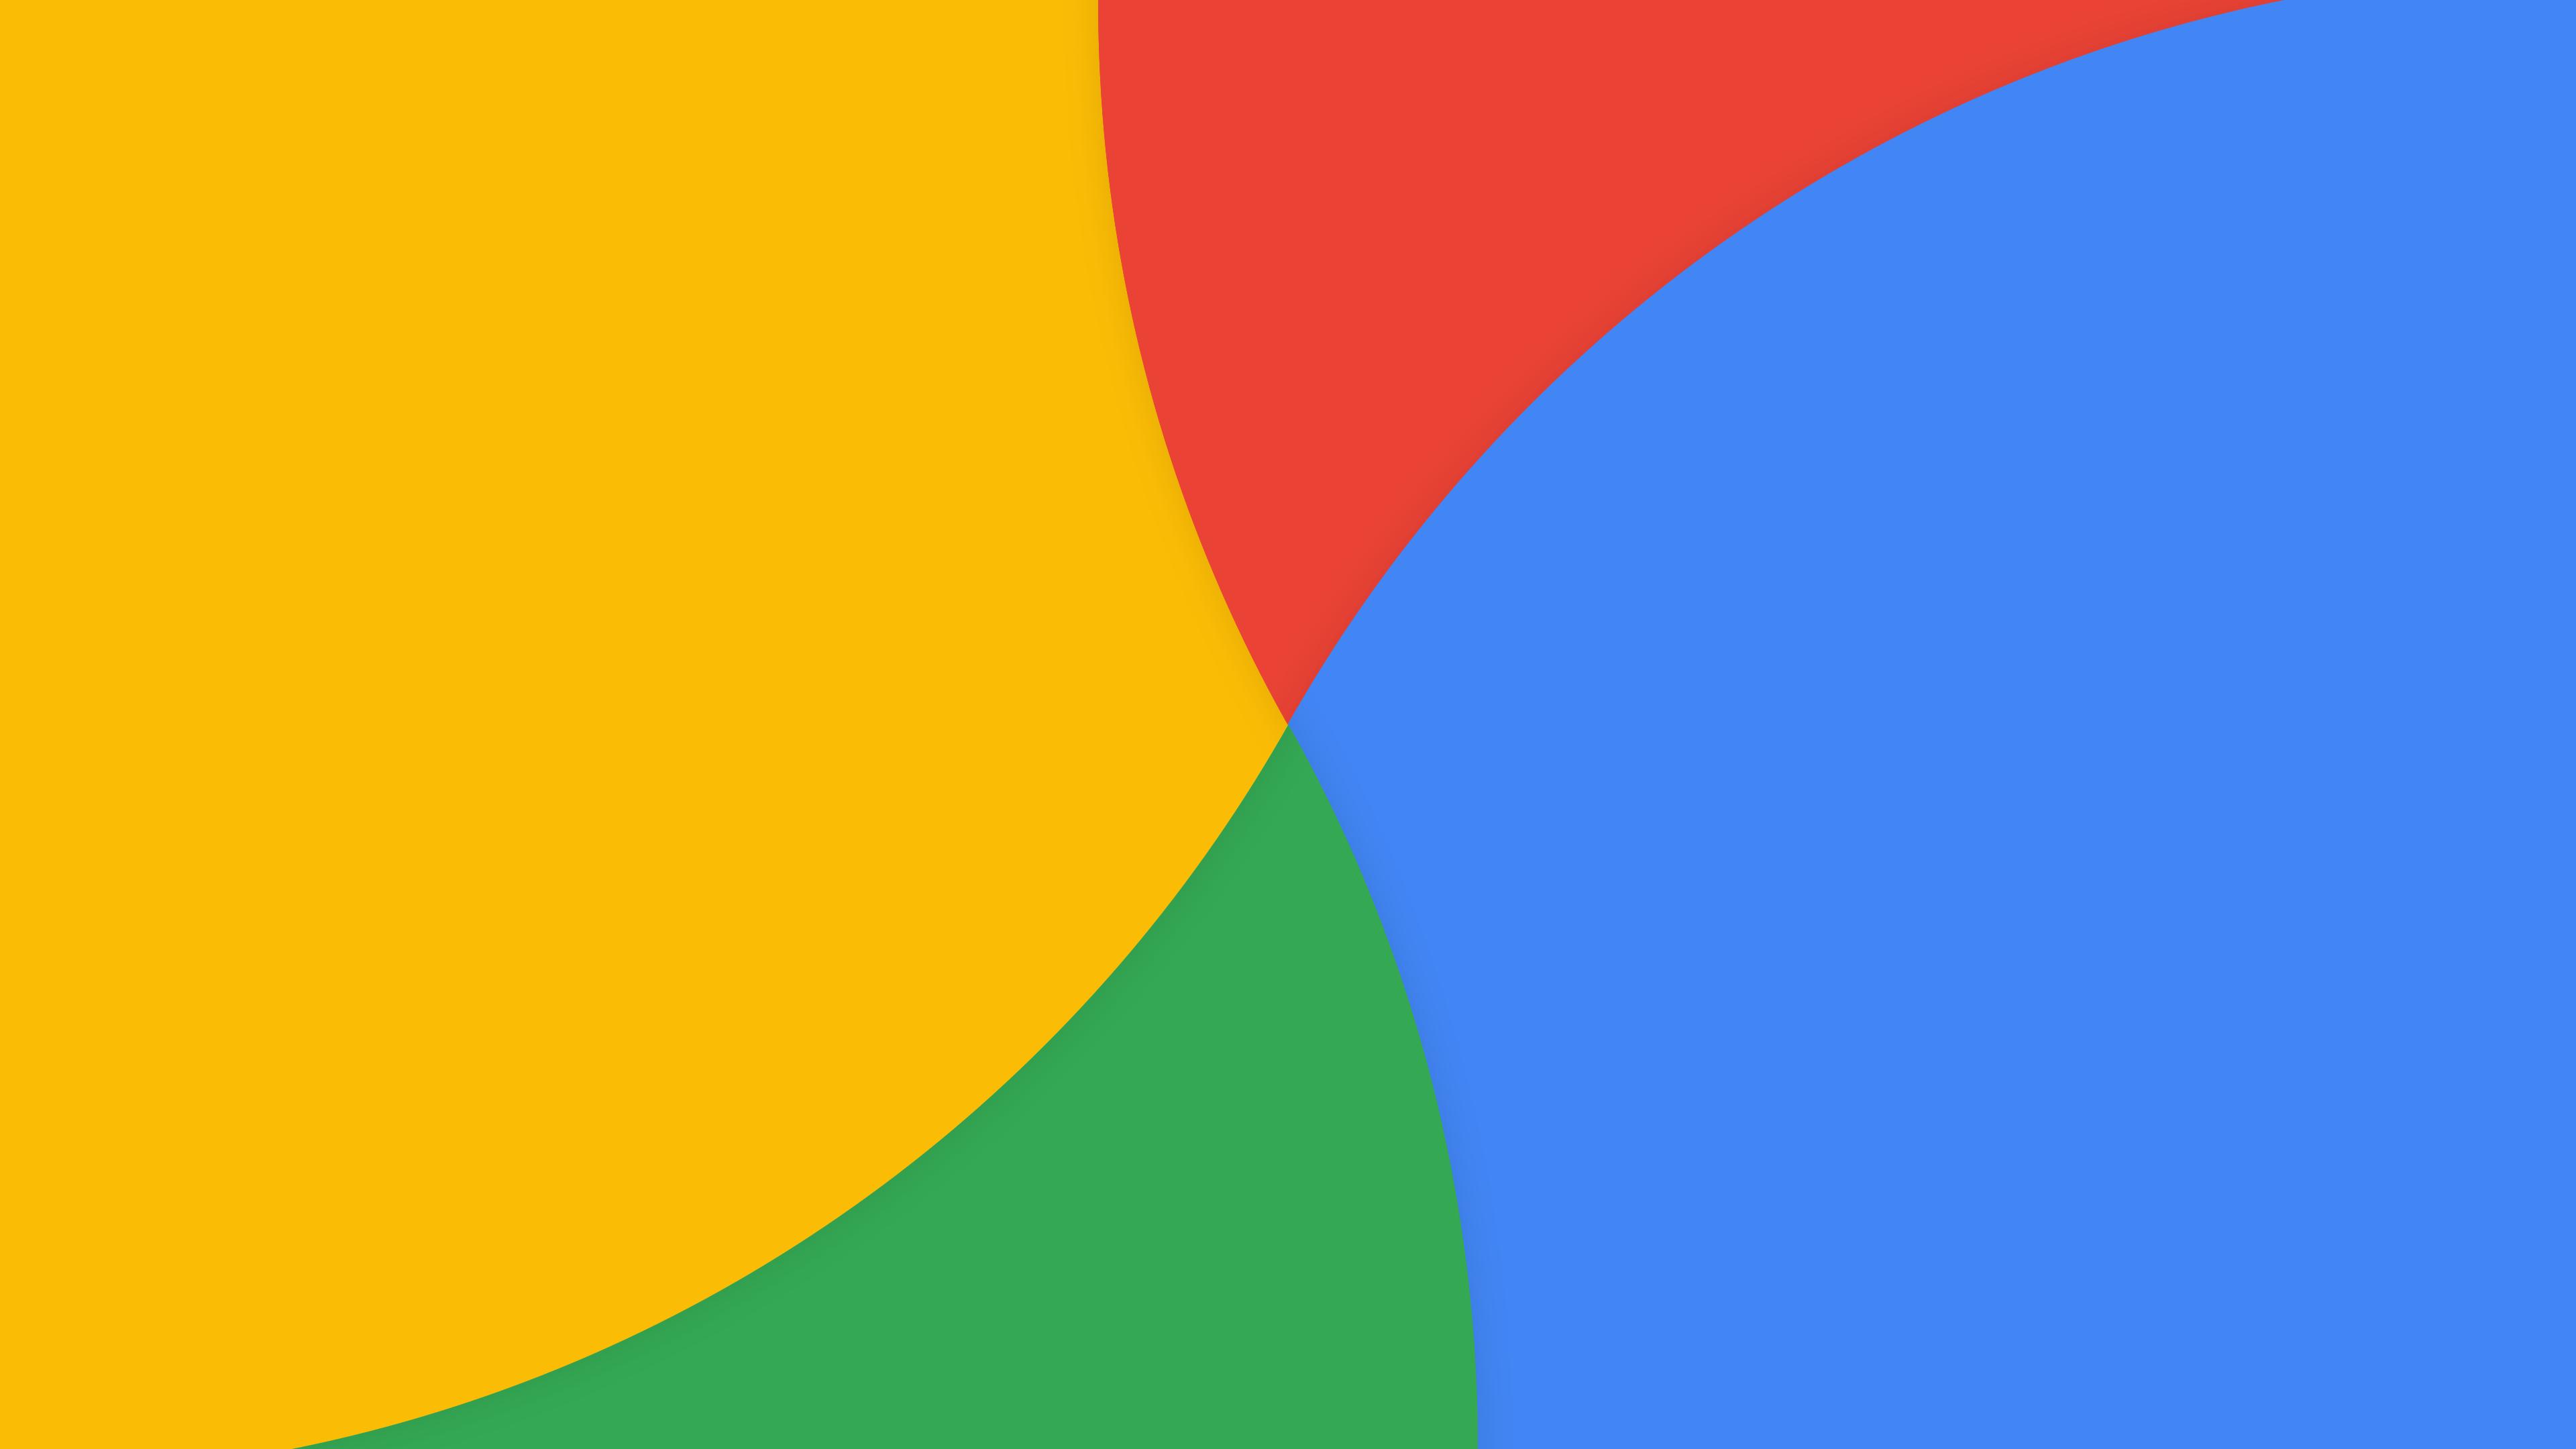 Google Original Material HD Artist 4k Wallpapers Images